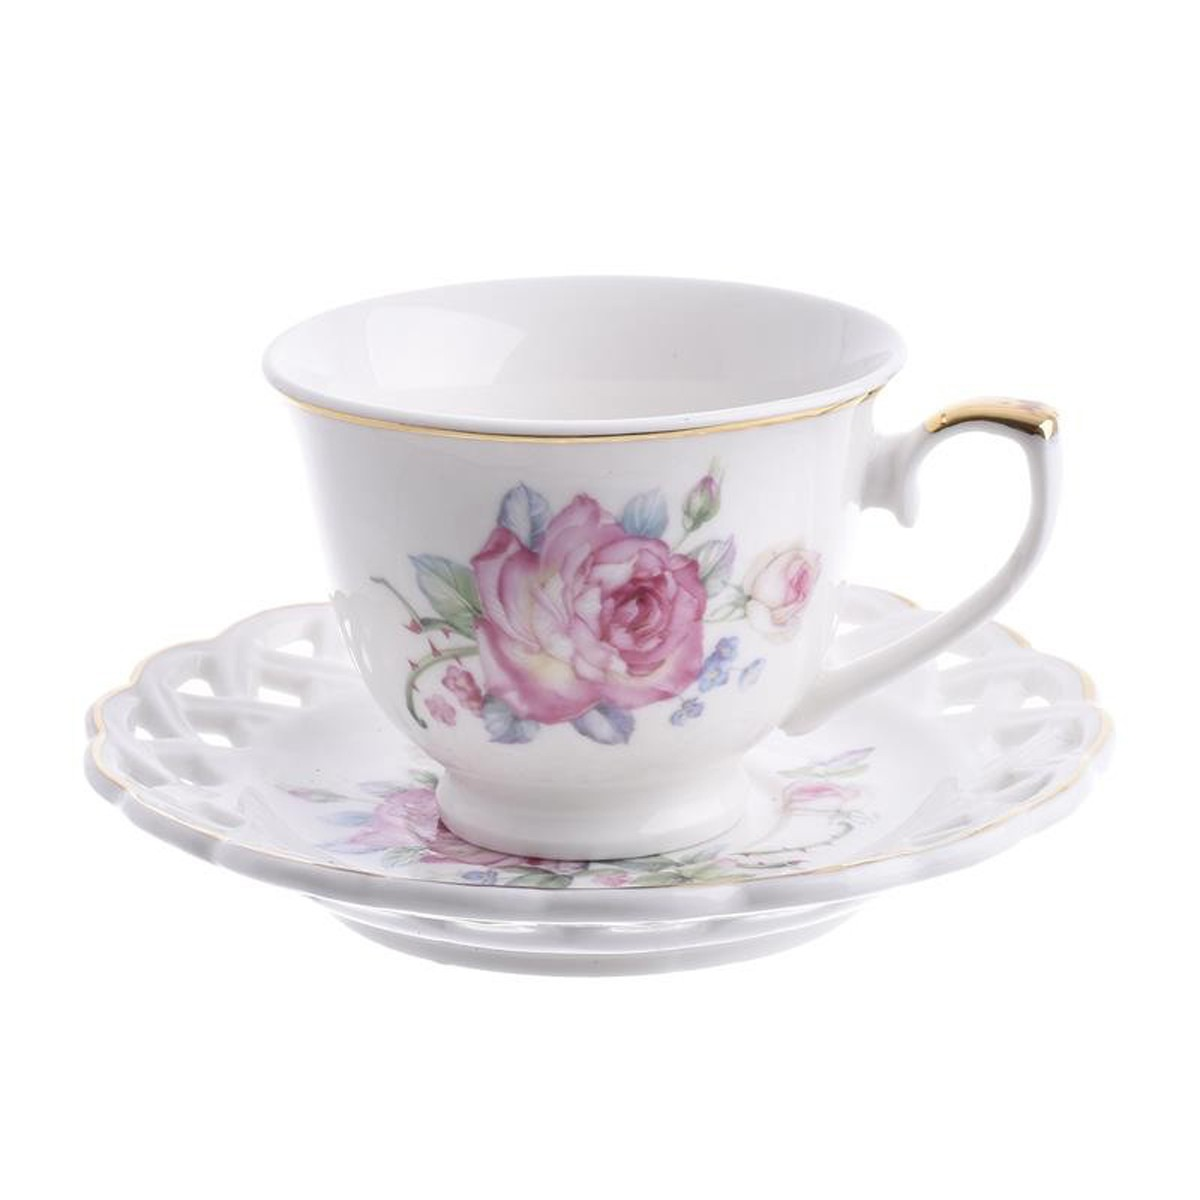 Φλυτζάνια Καφέ + Πιατάκια (Σετ 6τμχ) InArt 3-60-802-0002